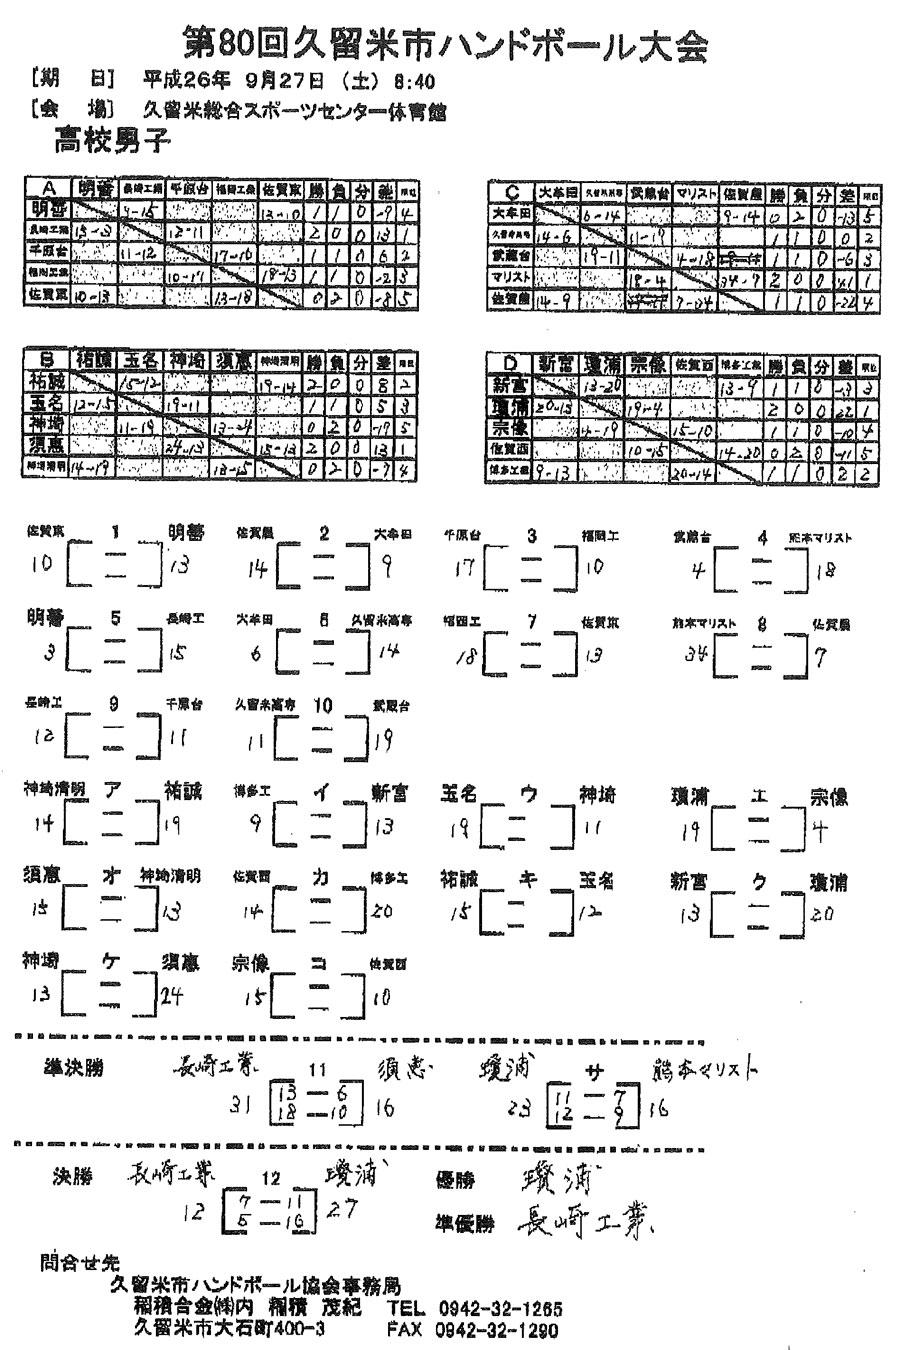 2014kurume_kurumesitaikai_kekka_d_2